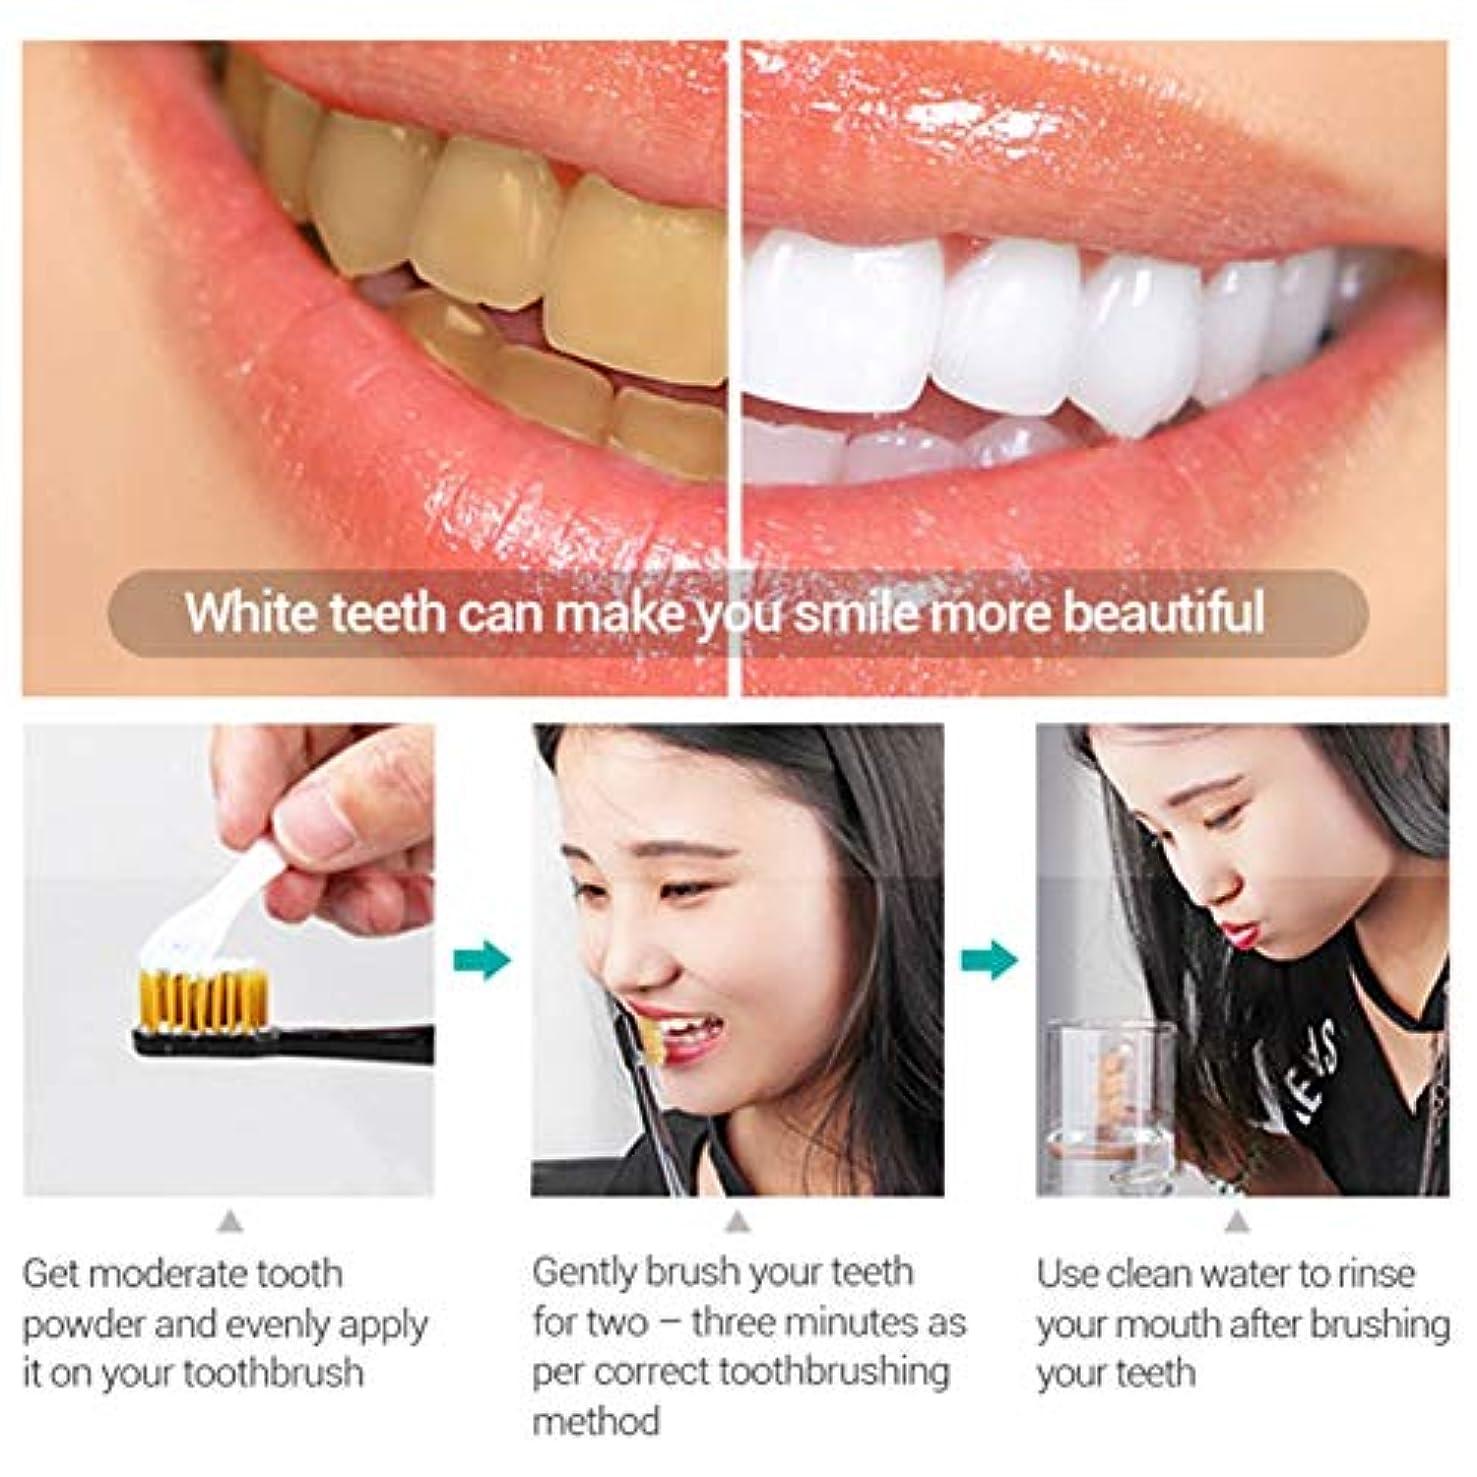 試みるリーチトムオードリースレモン 歯磨き粉 ホワイトニング フレッシュ ブライトトゥースパウダー 黄色い歯 歯の汚れ たばこ歯 ホワイトニングトゥースパウダー Cutelove